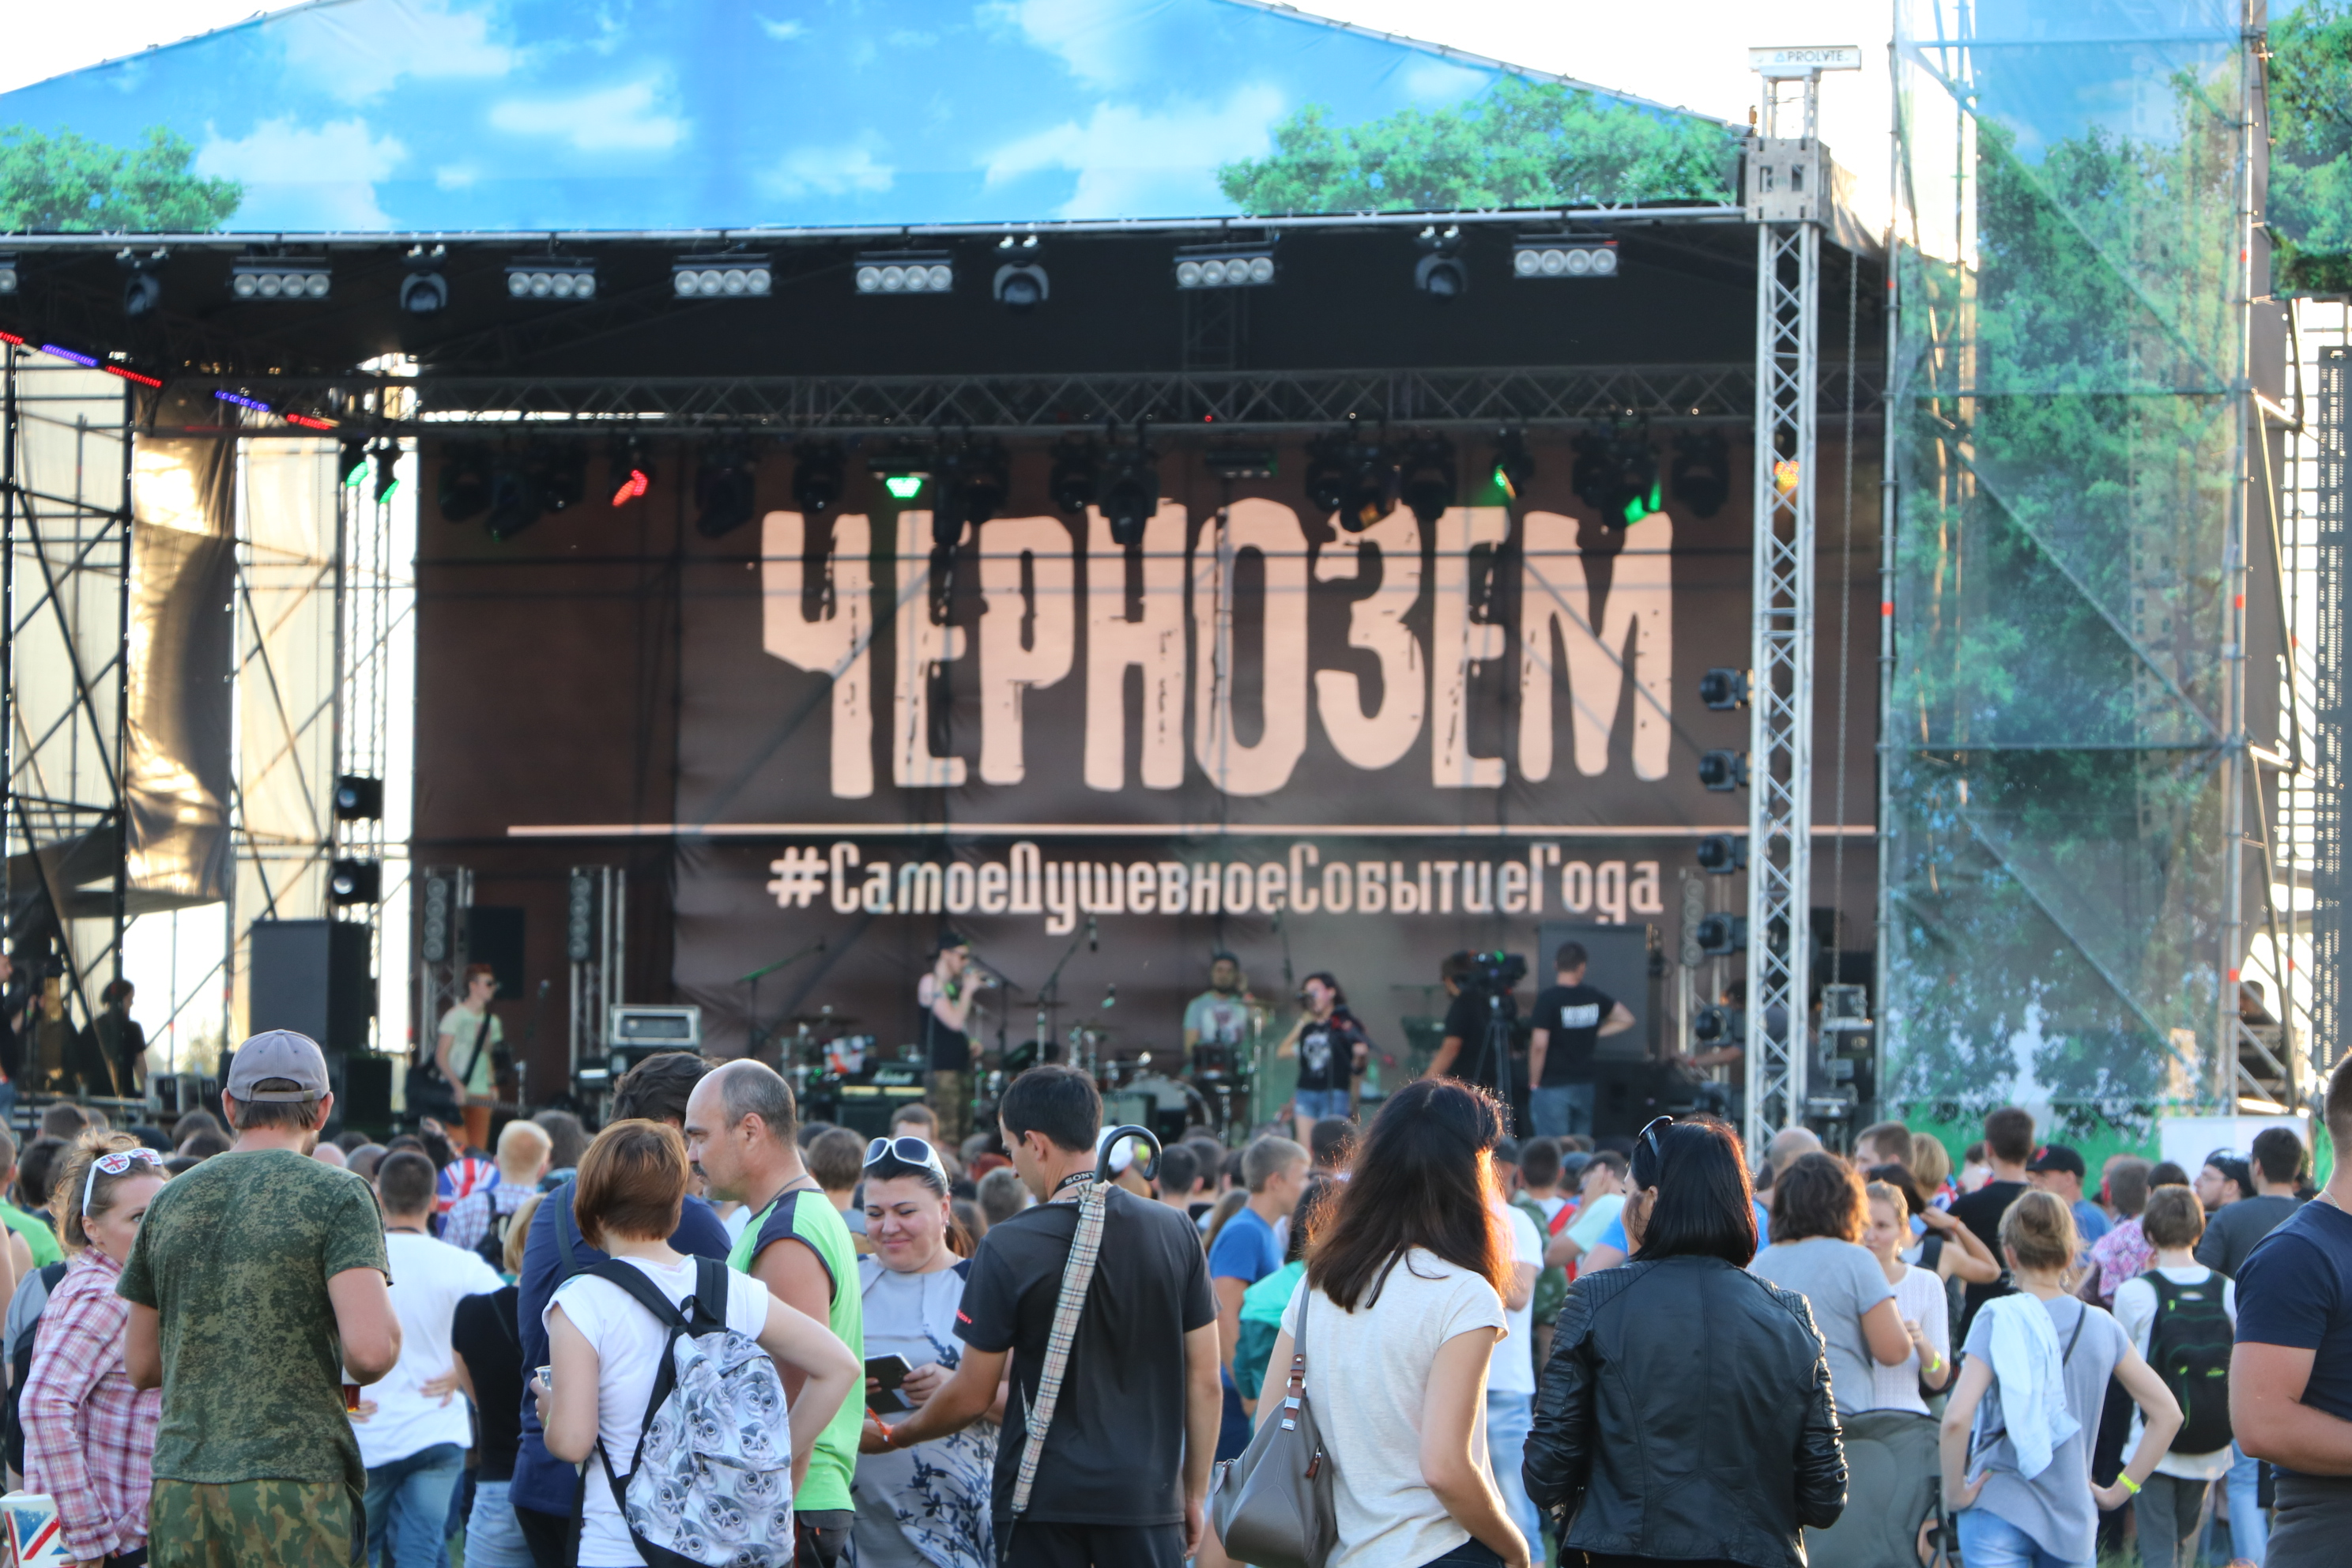 Рок-фестиваль вТамбовской области пришлось прервать из-за сильной грозы